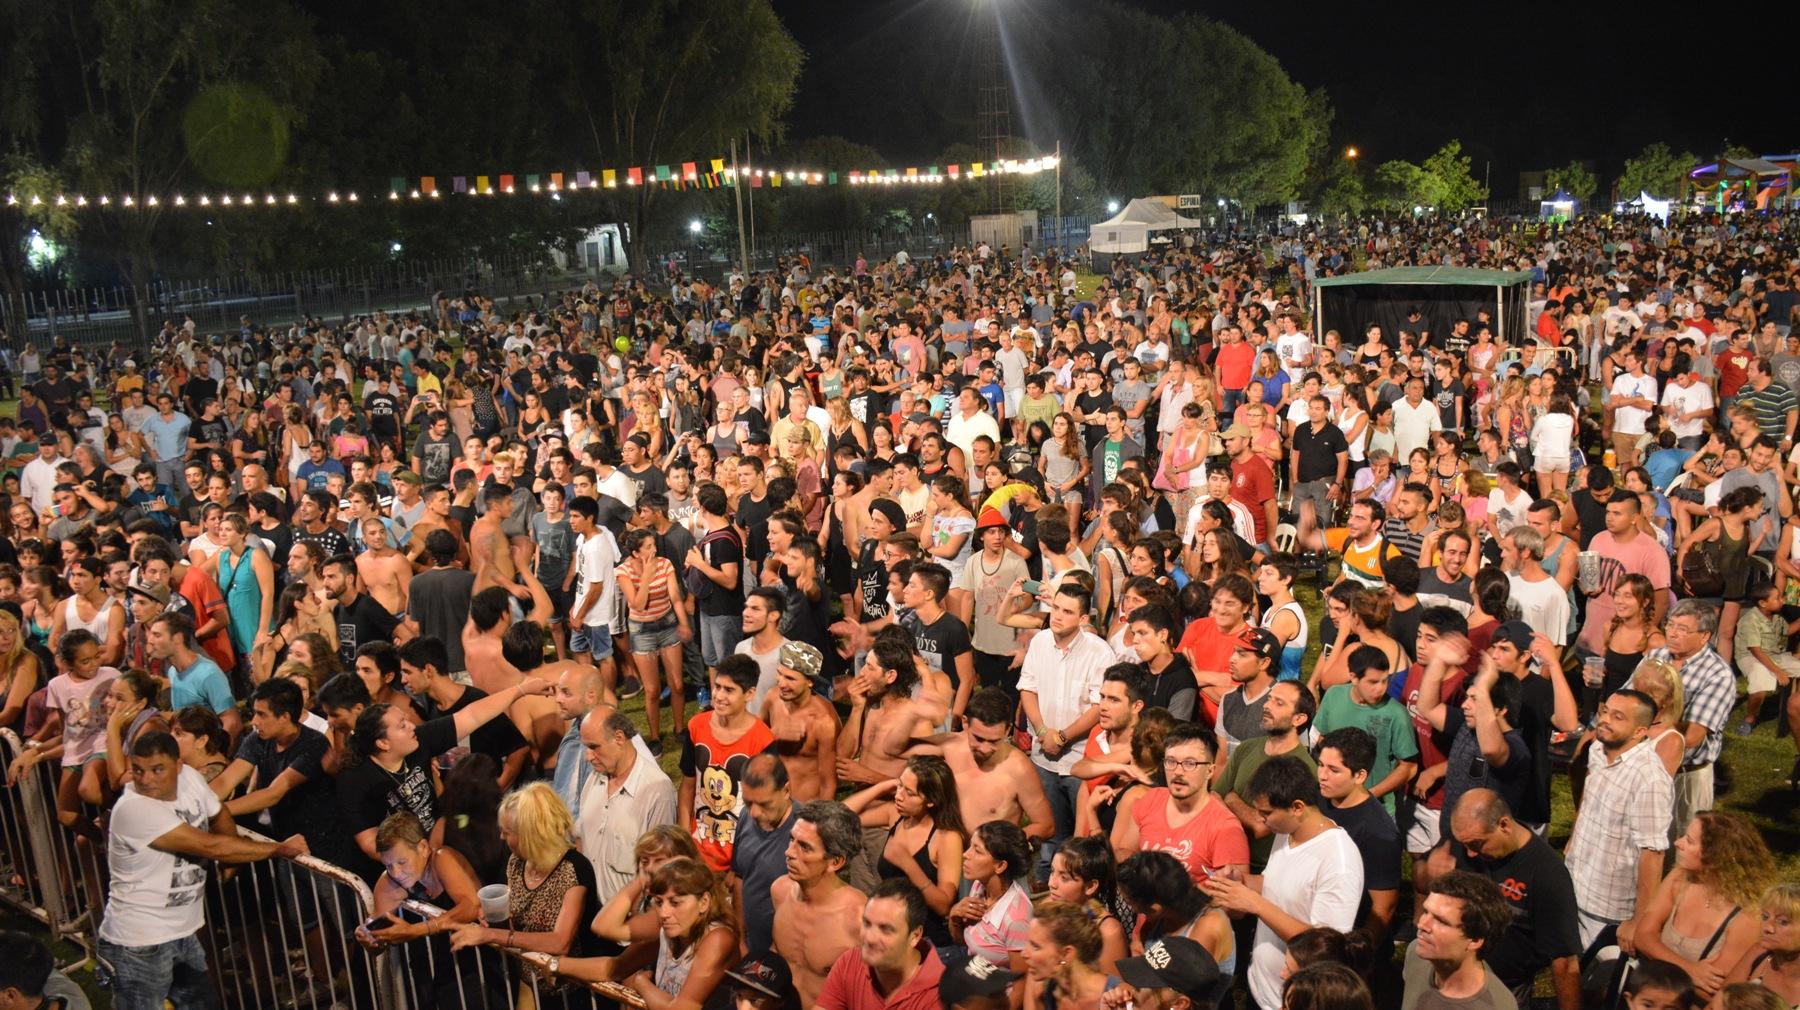 Alrededor de 14.000 personas visitaron San Antonio de Areco durante el fin de semana extra largo del 25, 26, 27 y 28 de febrero y la hotelería estuvo completa durante las noches del viernes, sábado y domingo. De esta manera, los turistas inyectaron en la ciudad más de $ 8.600.000 a través del gasto en alojamiento y gastronomía, entre otros.